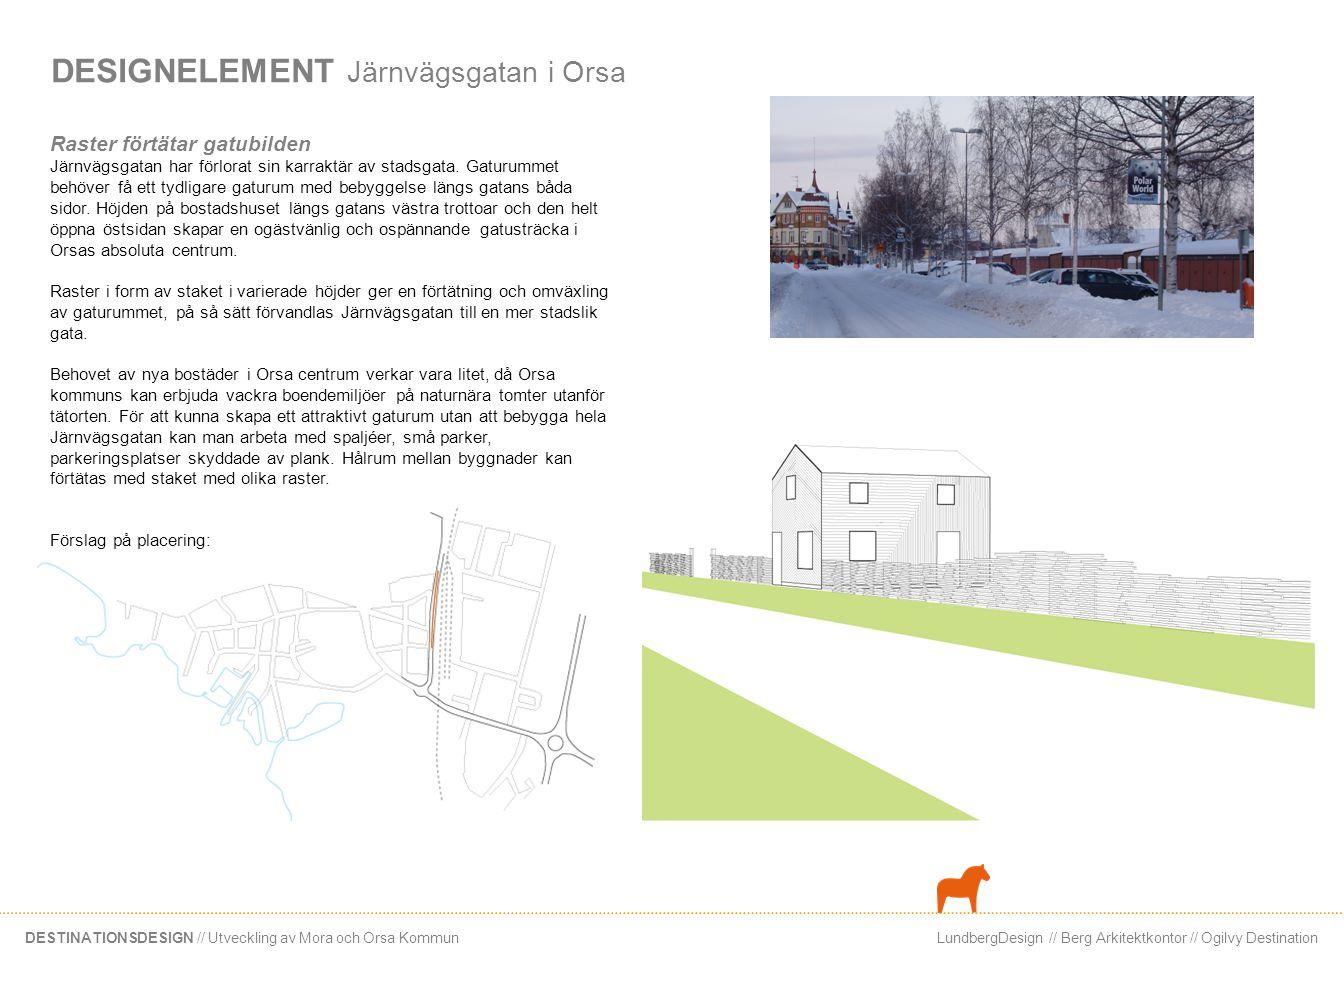 LundbergDesign // Berg Arkitektkontor // Ogilvy DestinationDESTINATIONSDESIGN // Utveckling av Mora och Orsa Kommun DESIGNELEMENT Vildmarkscenter i Orsa Vildmarkscenter Entrén till Orsa stadskärna är inte representativ för Orsas levande företagsliv och rika kultur- och naturlandskap.